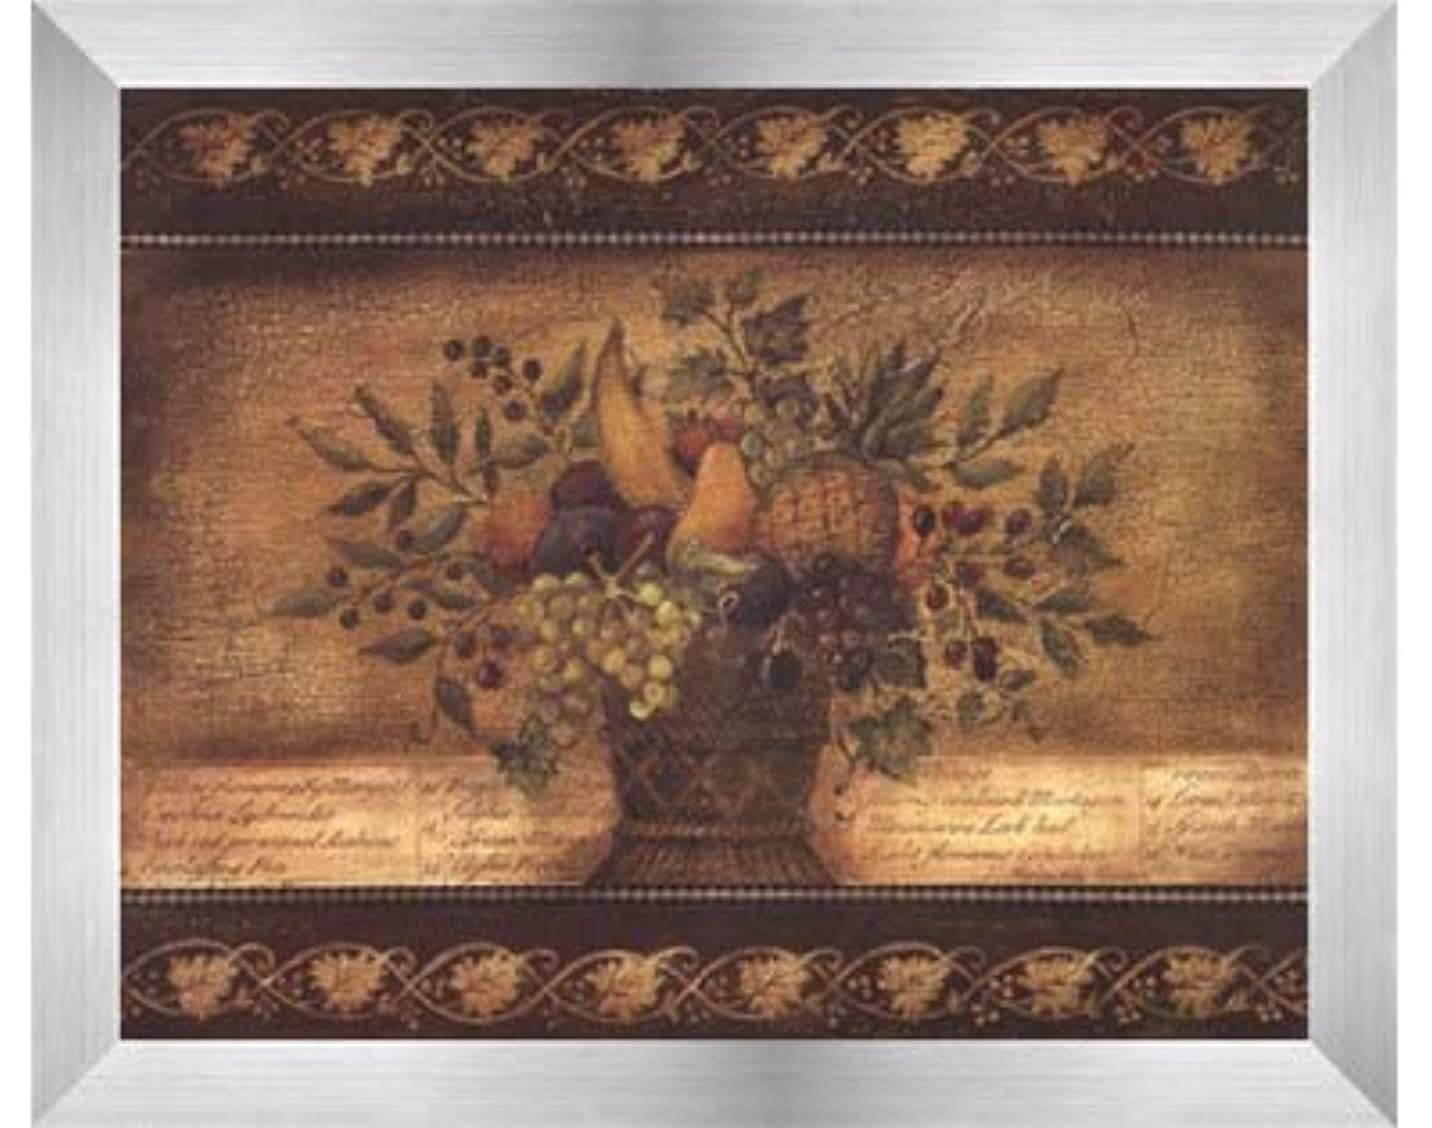 アナニバーであるくOld World Abundance I by Kimberly Poloson – 10 x 8インチ – アートプリントポスター LE_112347-F9935-10x8